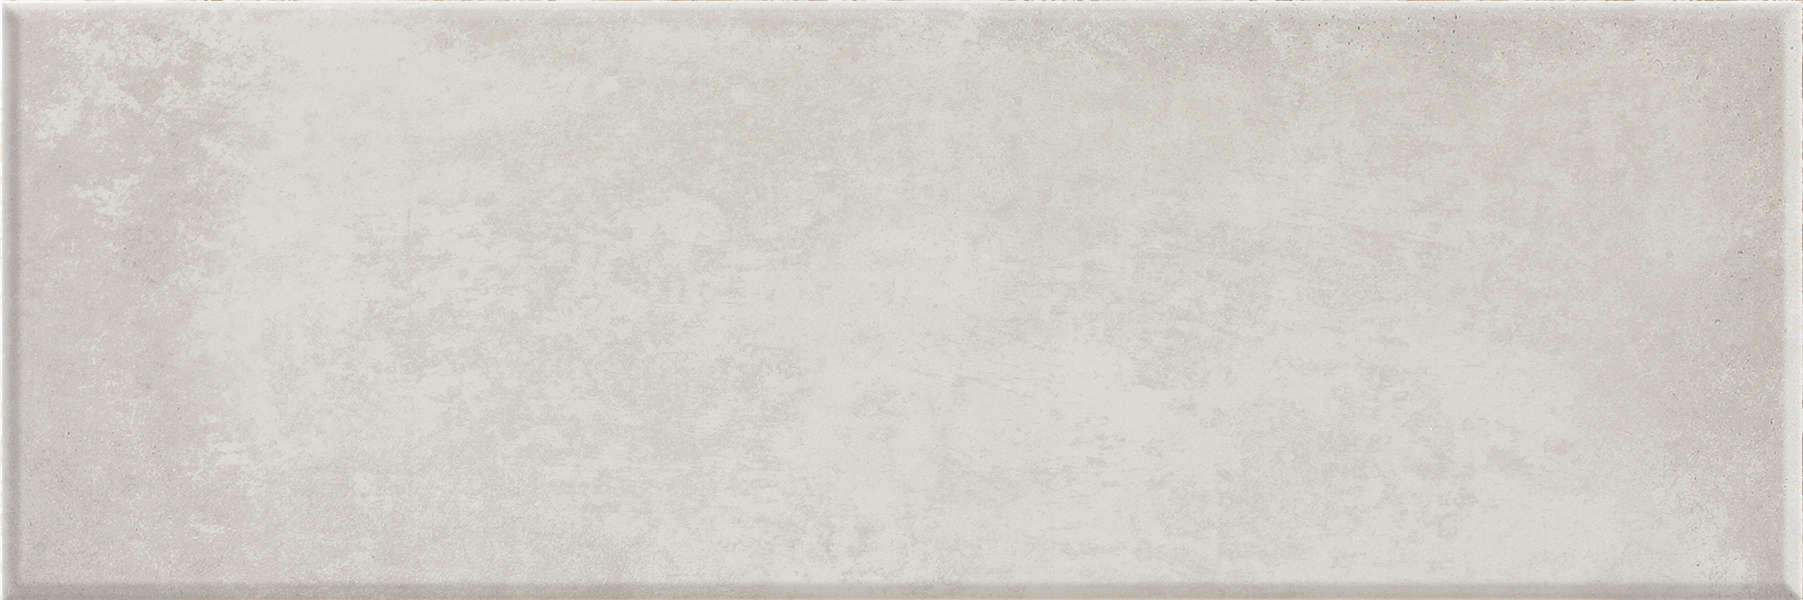 Faianță pentru baie Navarti Privilege Perla 200x600 mată gri / 9